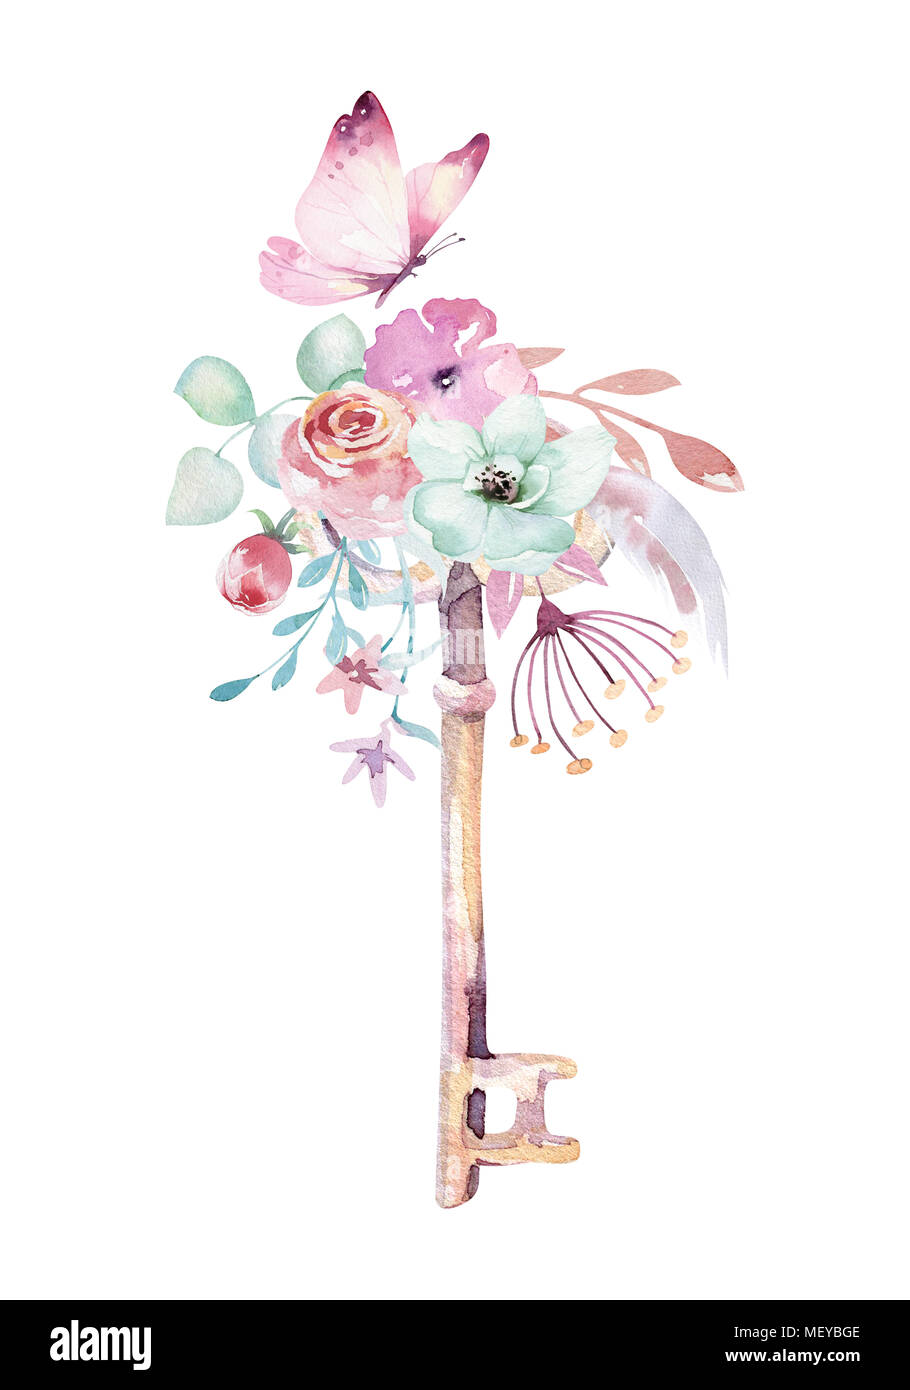 Cute touches isolées unicorn aquarelle clipart avec fleurs. Les licornes pépinière illustration clé. Arc-en-ciel princesse poster poster pink magic. Photo Stock